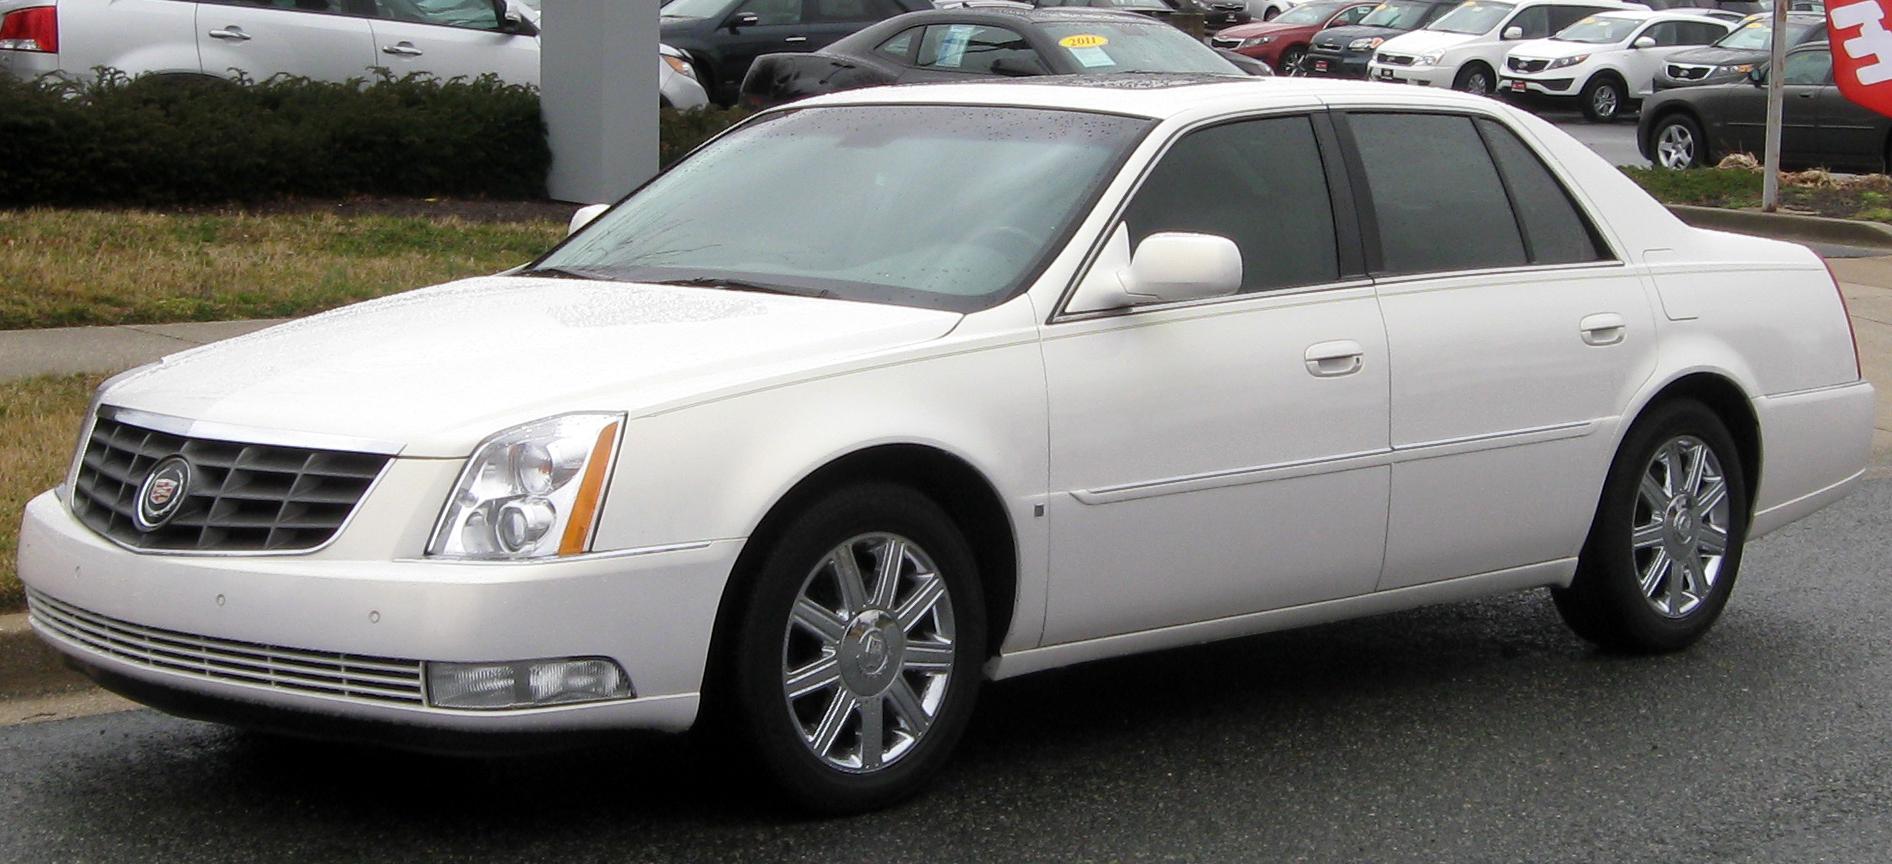 Cadillac 2006 cadillac deville : Cadillac DTS - Wikiwand